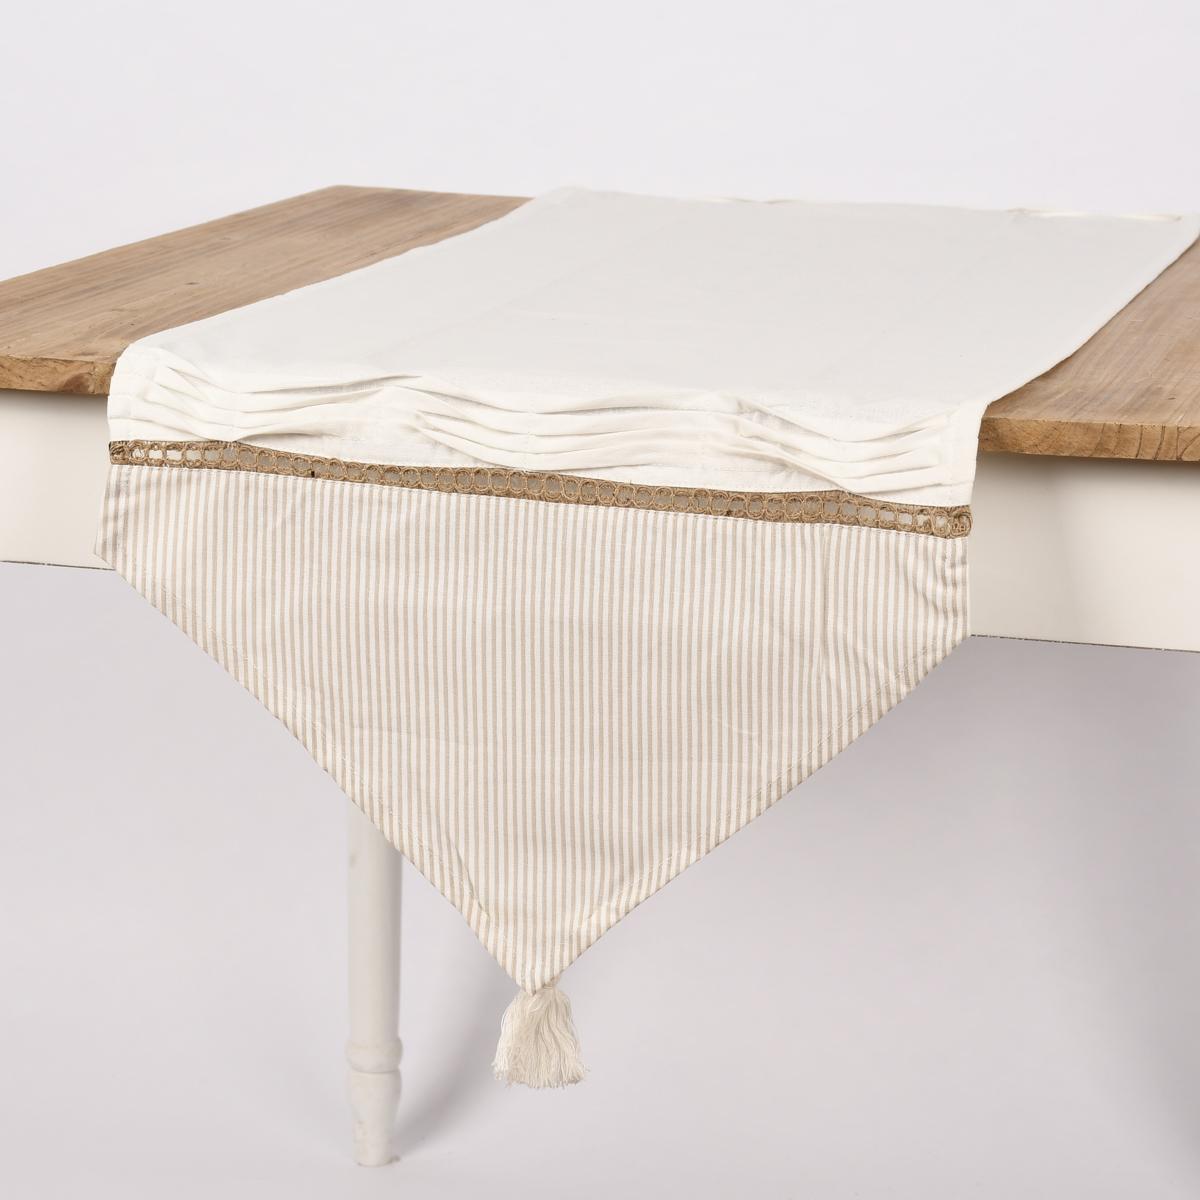 Tischläufer gestreift mit Quaste Dreiecksabschluss weiß natur 50x160cm